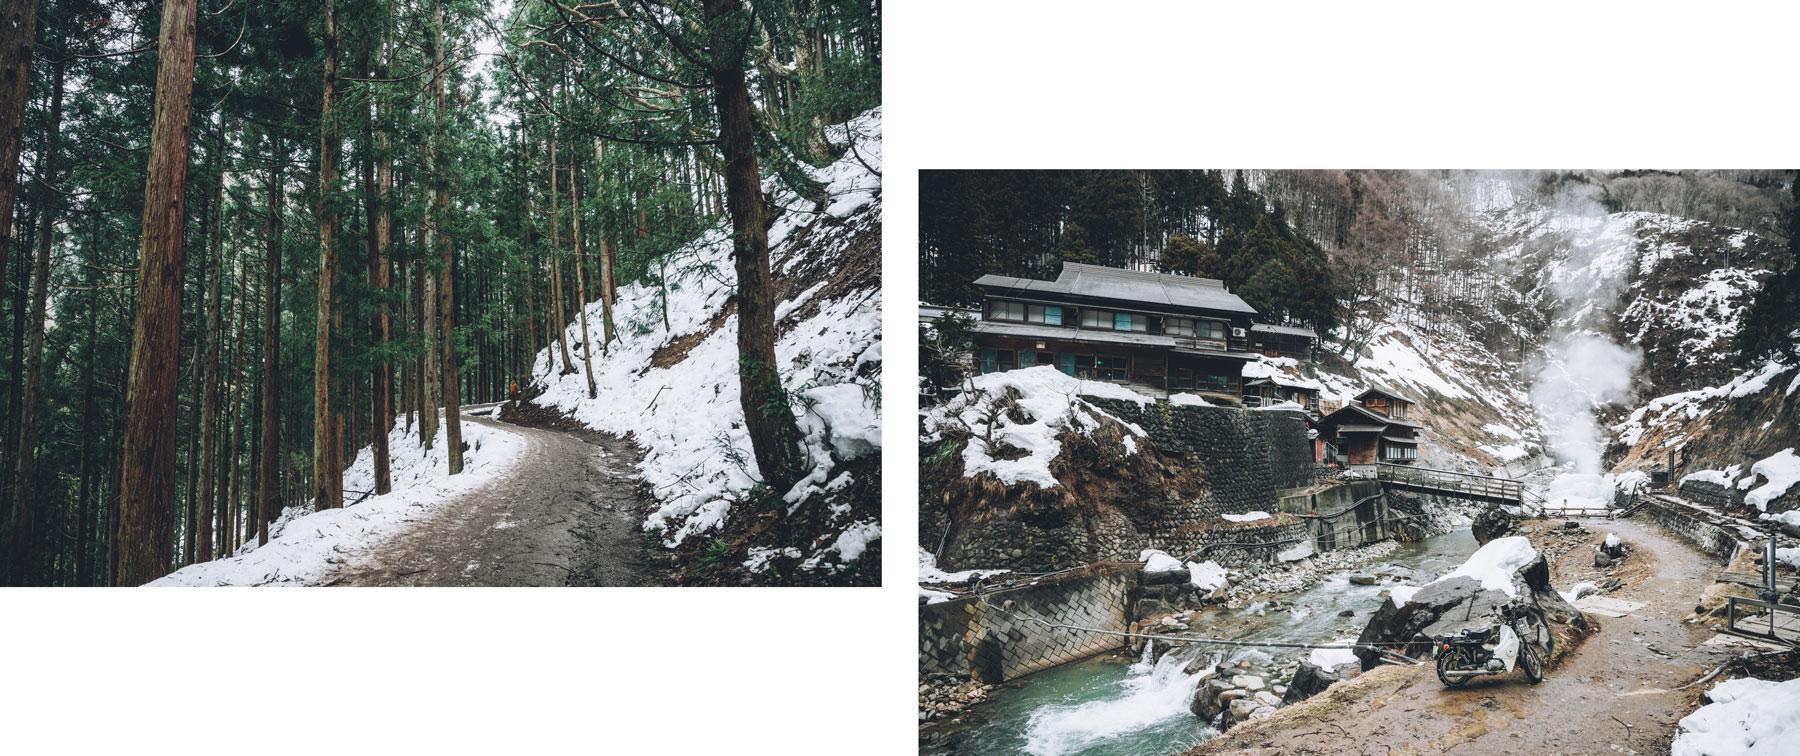 Le chemin pour rejoindre le snow monkey park, Japon